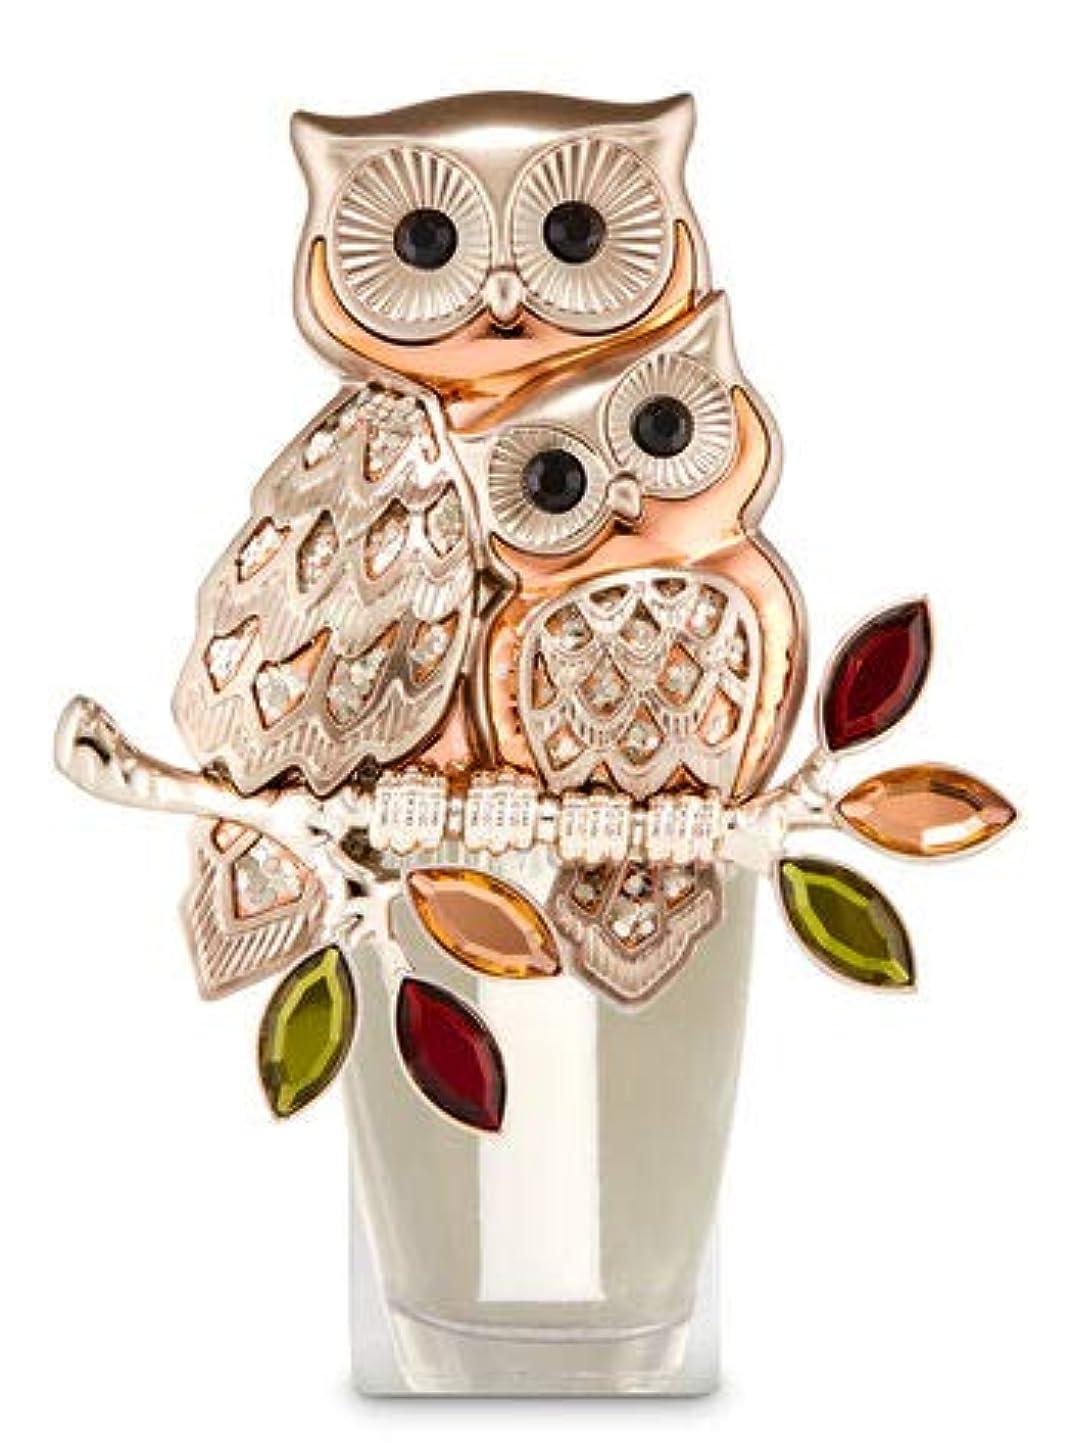 文字殺すカロリー【Bath&Body Works/バス&ボディワークス】 ルームフレグランス プラグインスターター (本体のみ) オウルズ ナイトライト フクロウ Wallflowers Fragrance Plug Owls Night Light [並行輸入品]